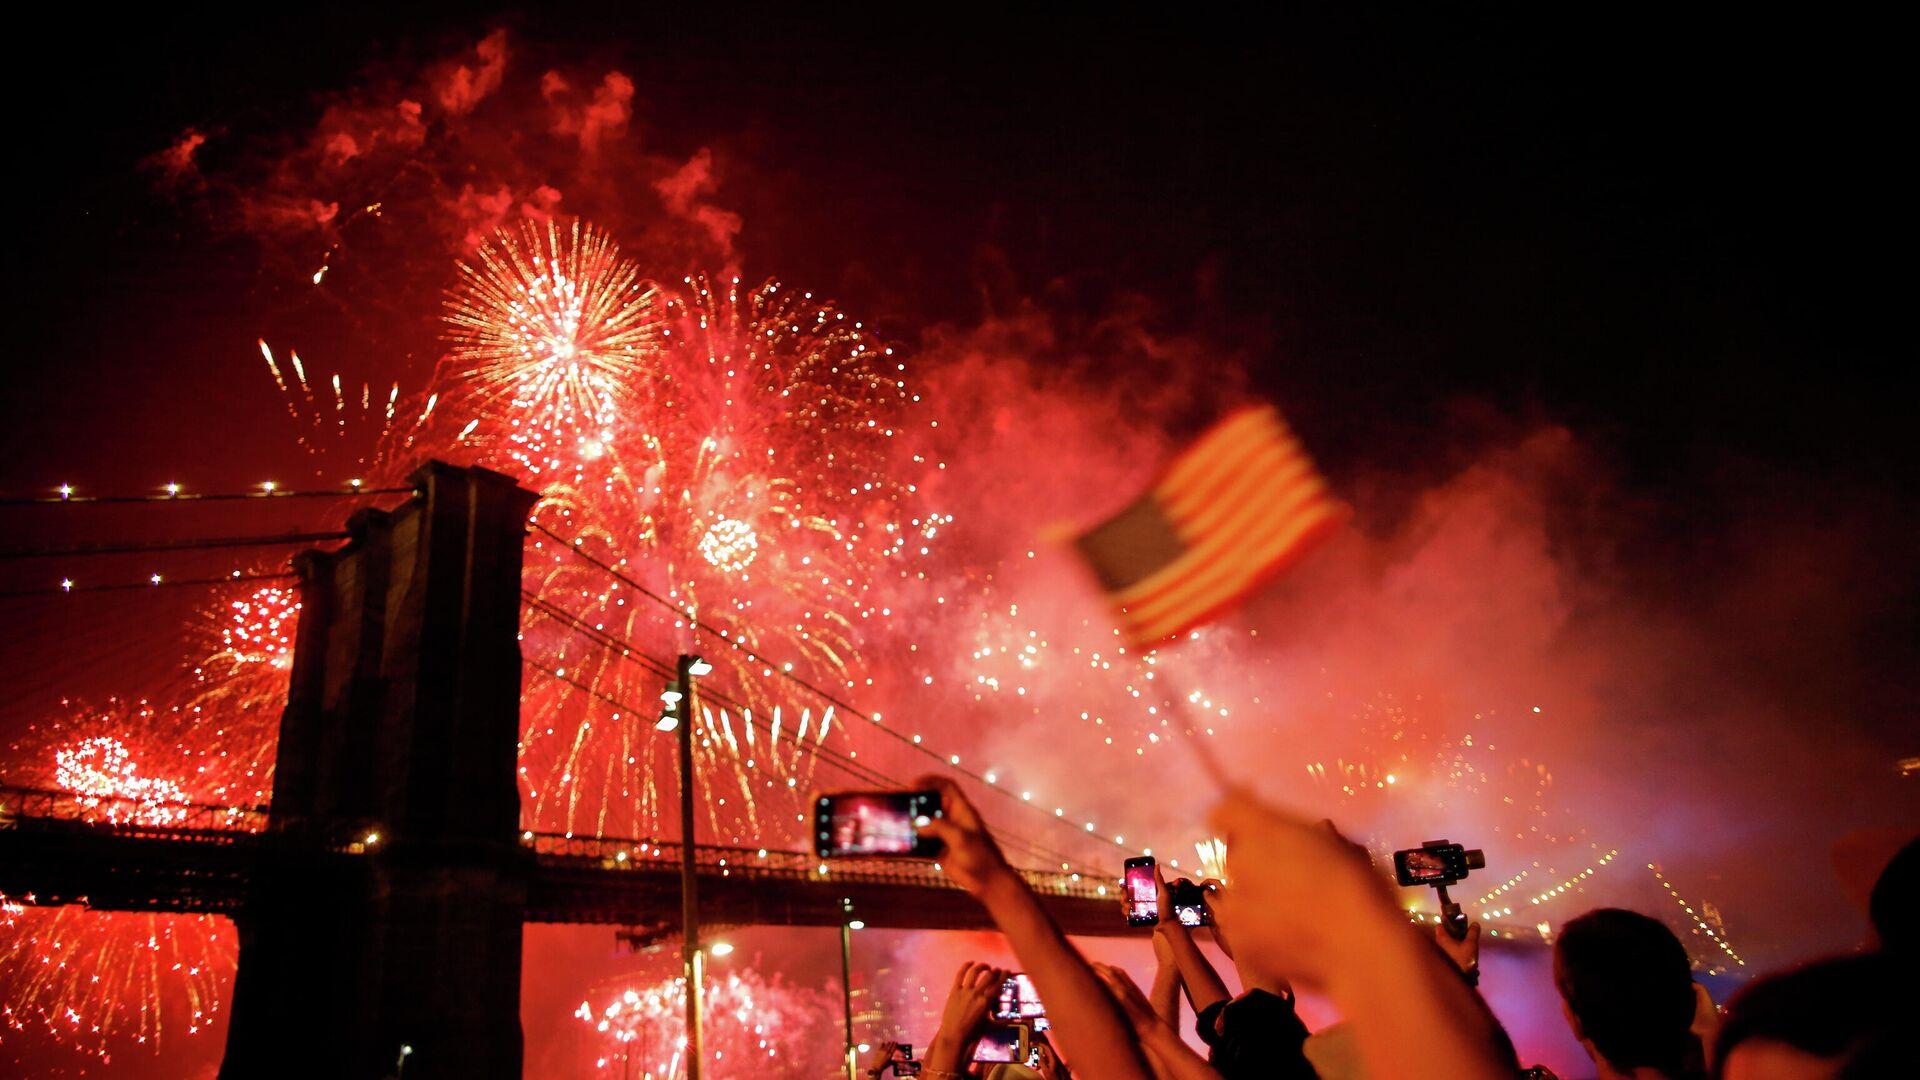 Los fuegos artificiales por el Día de la Independencia en EEUU - Sputnik Mundo, 1920, 05.07.2021